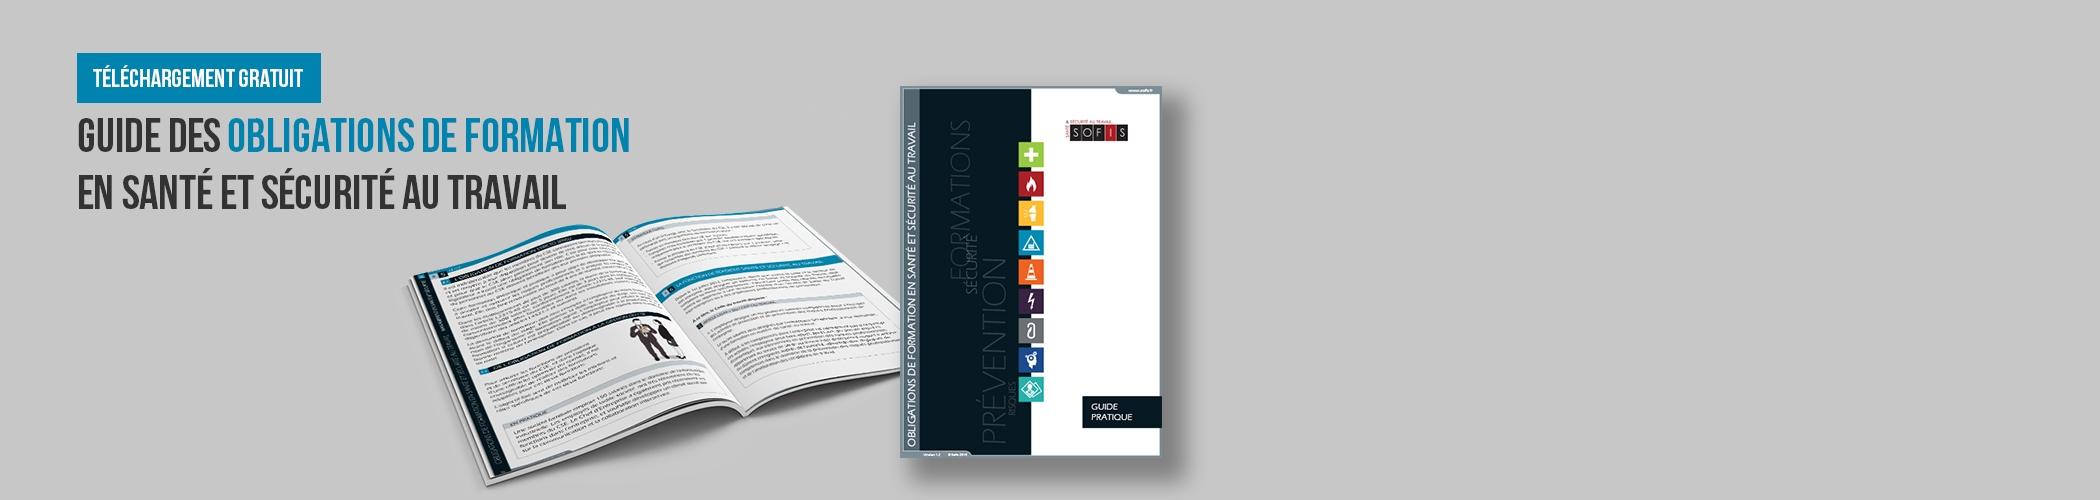 Guide en téléchargement gratuit au format PDF